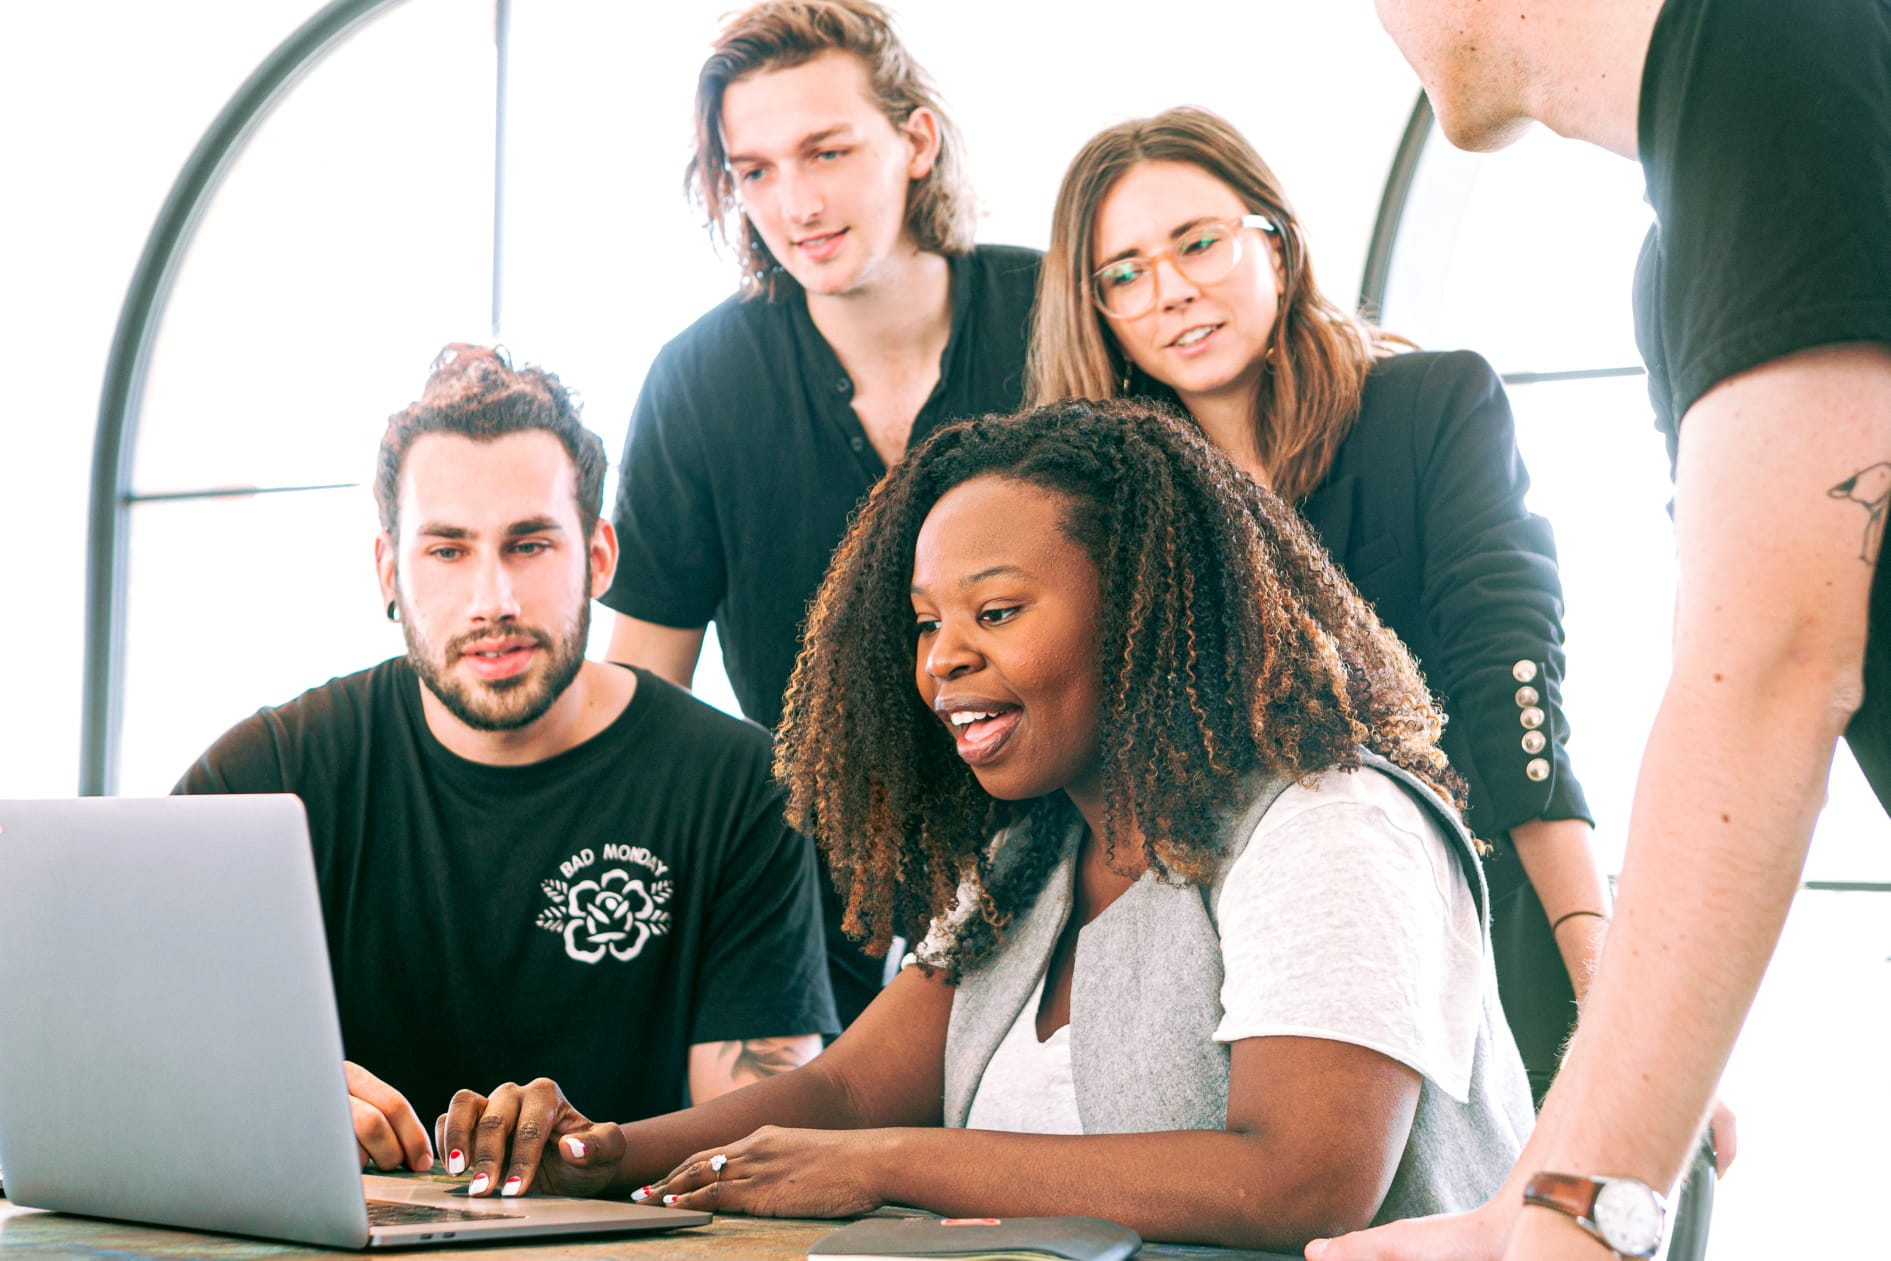 Grupo de estudantes motivados a trabalhar em conjunto. Encontram-se à volta de um computador.